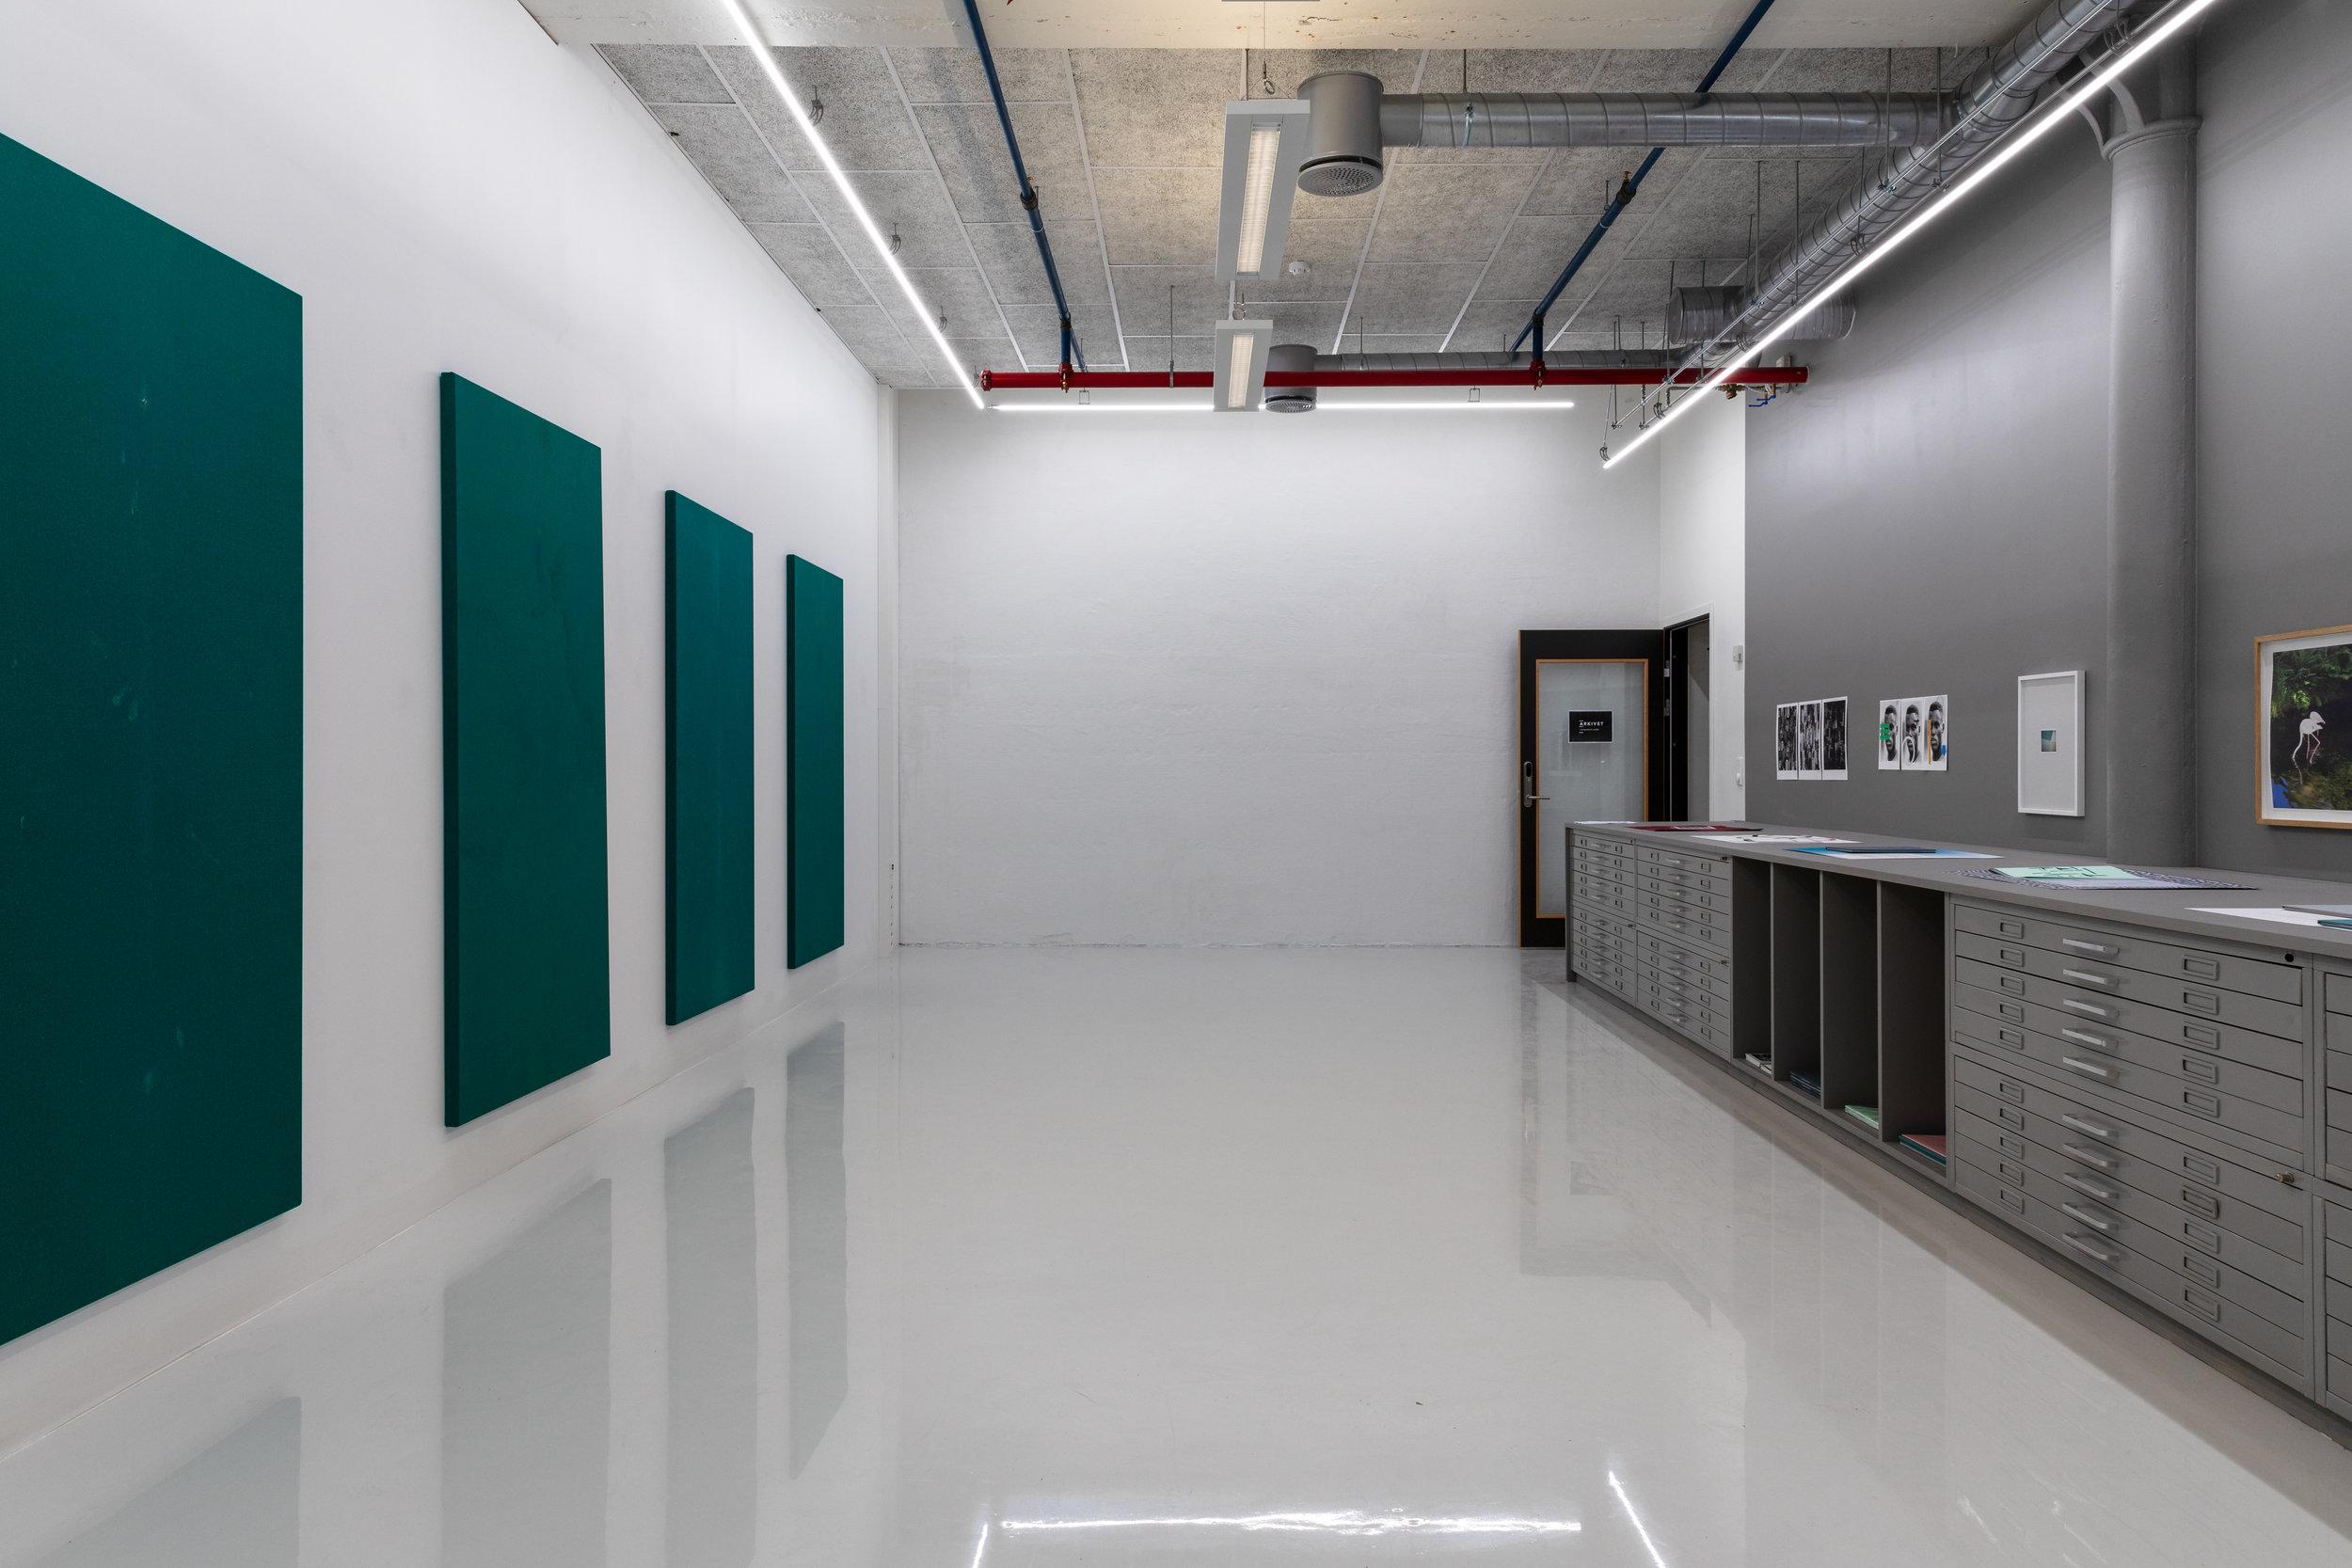 ARKIVET - Arkivet, er Tou Trykk sitt eget utstillingsrom, og skal bidra til å løfte frem grafikk for et bredt publikum.